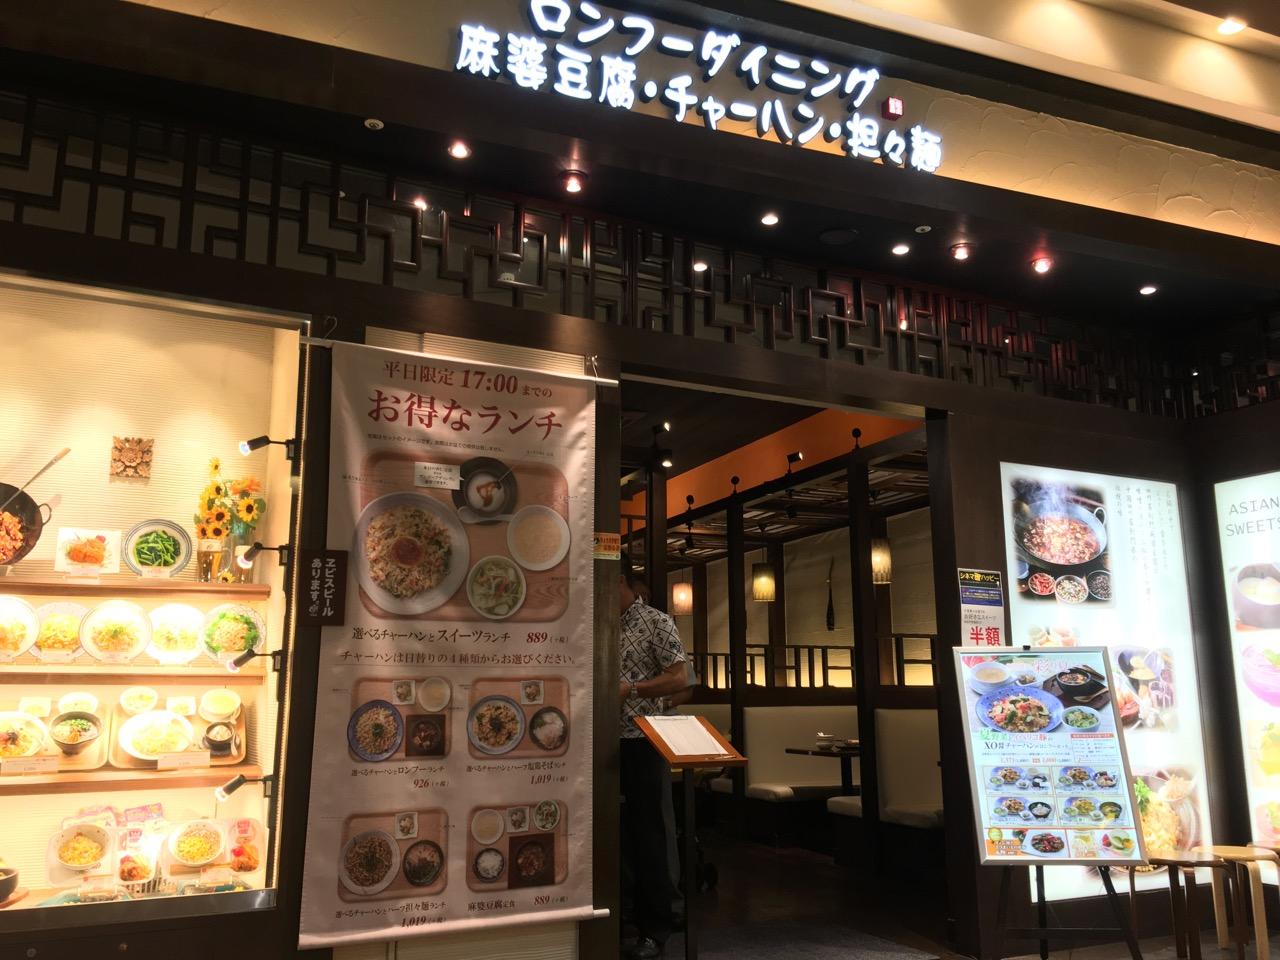 イオンモールで本格四川麻婆豆腐!ロンフーダイニング イオンモール伊丹店